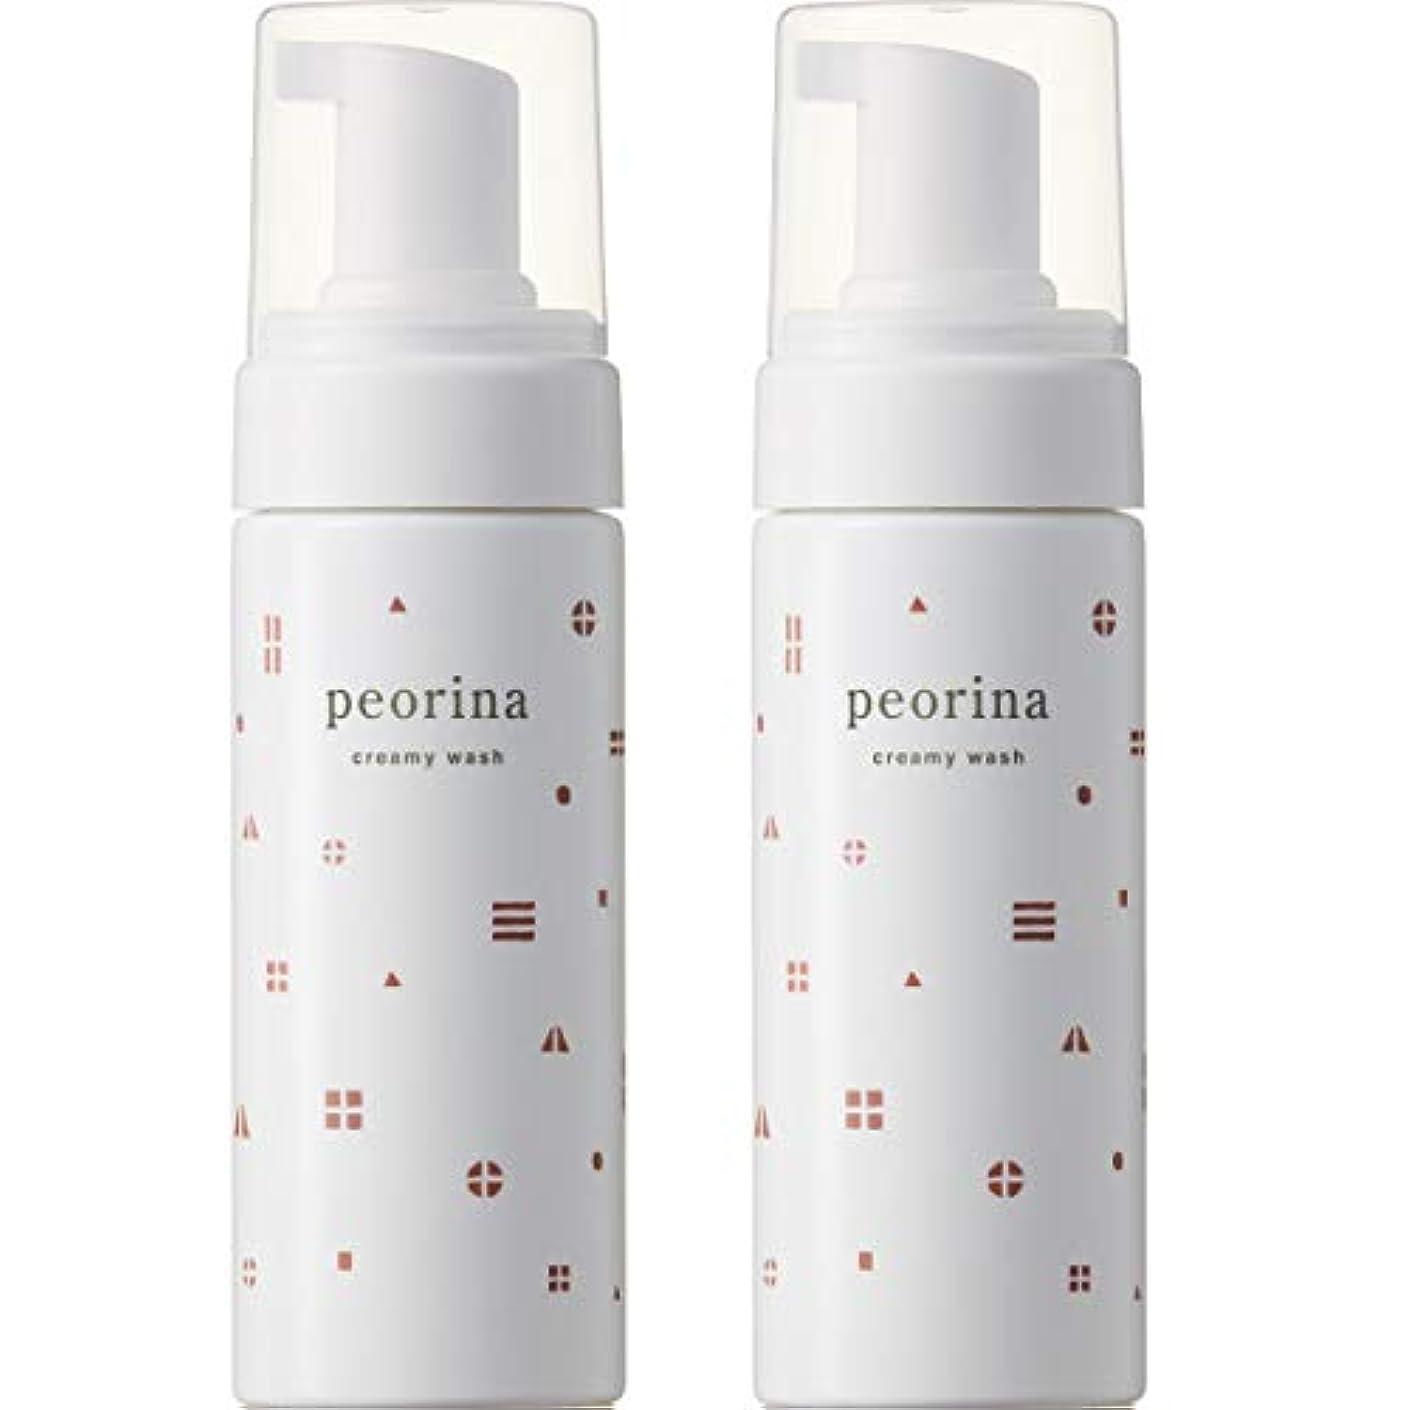 ふつうポンド私たちのものピオリナ クリーミーウォッシュ 2個セット 泡洗顔料 スキンケア 美肌 高保湿 セラミド 乾燥肌 敏感肌 ニキビ 赤ら顔 ヒト型セラミド